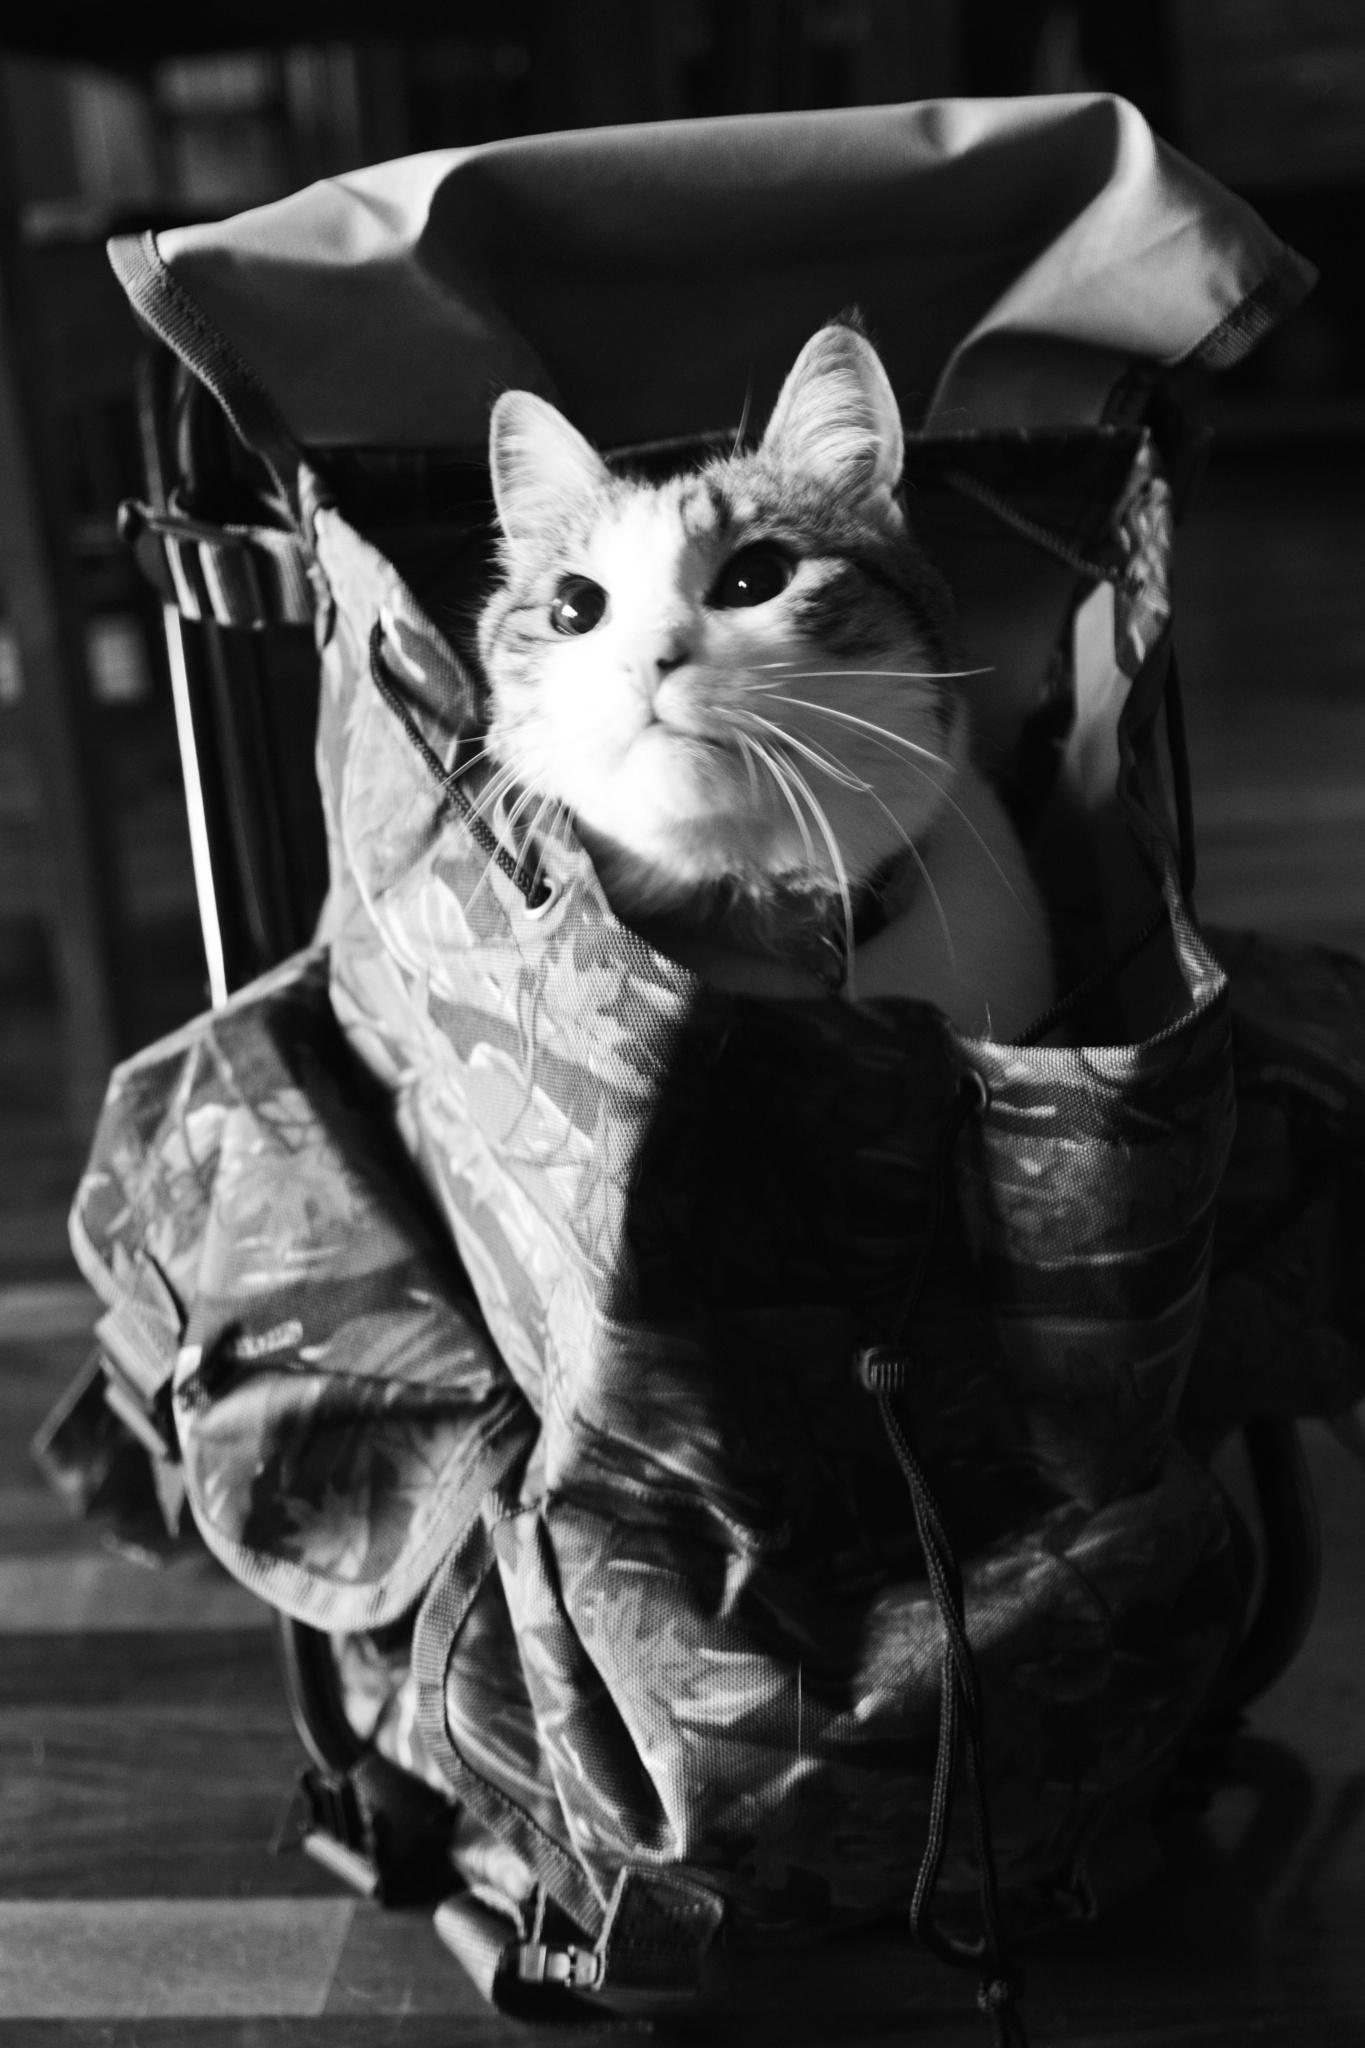 Militar Cat by David H.Rizzi Bucher